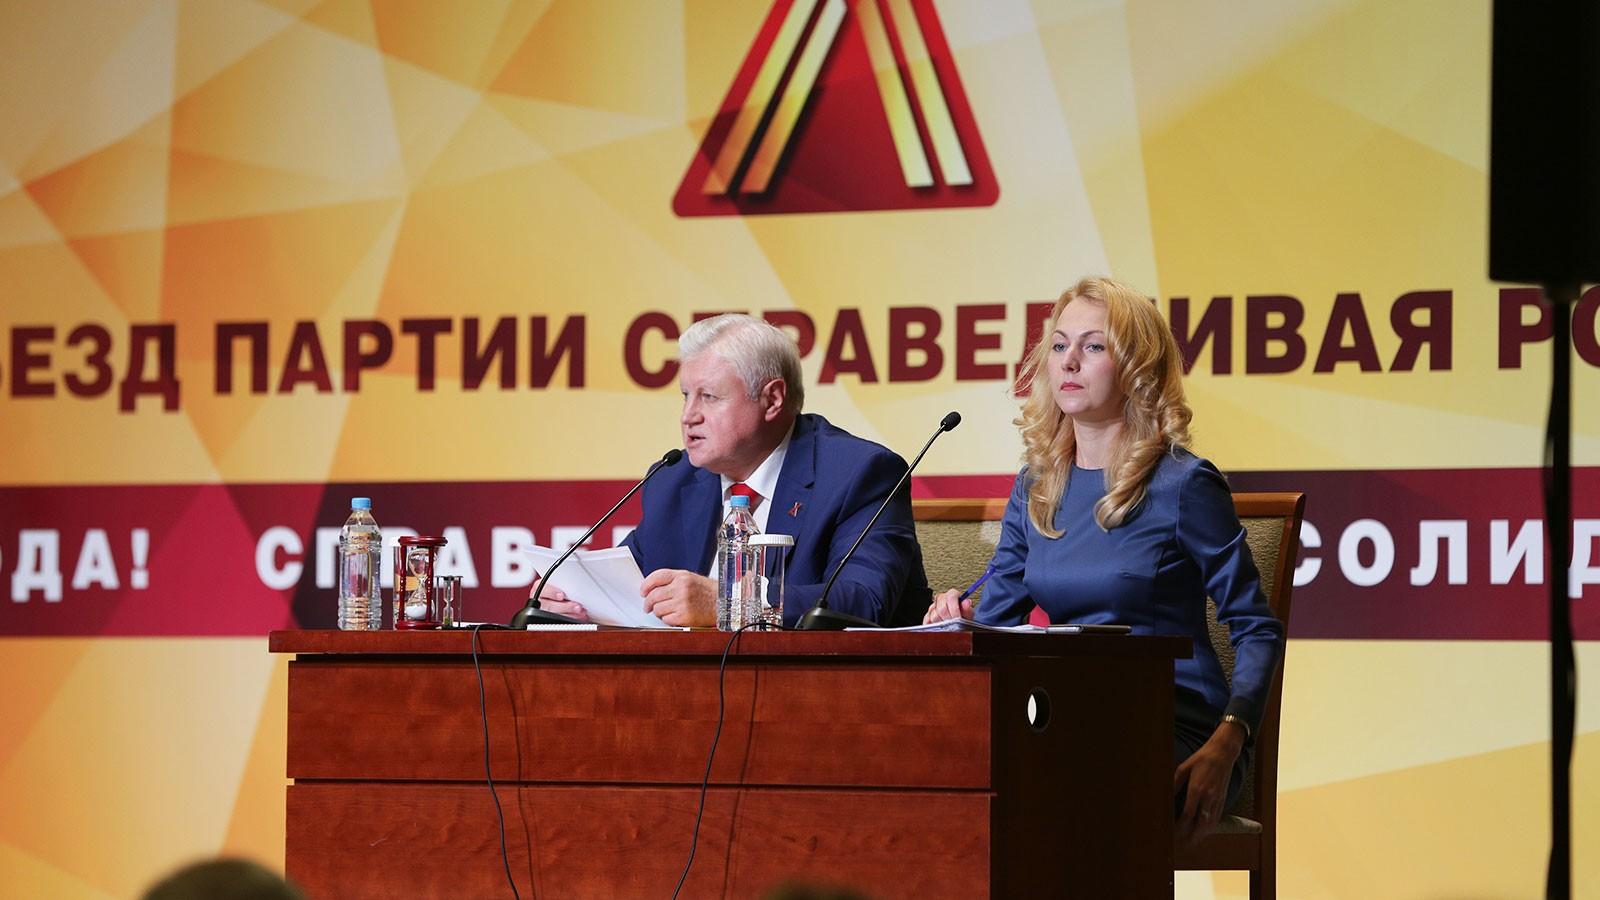 Фракция «Справедливая Россия» хочет вернуть старый пенсионный возраст